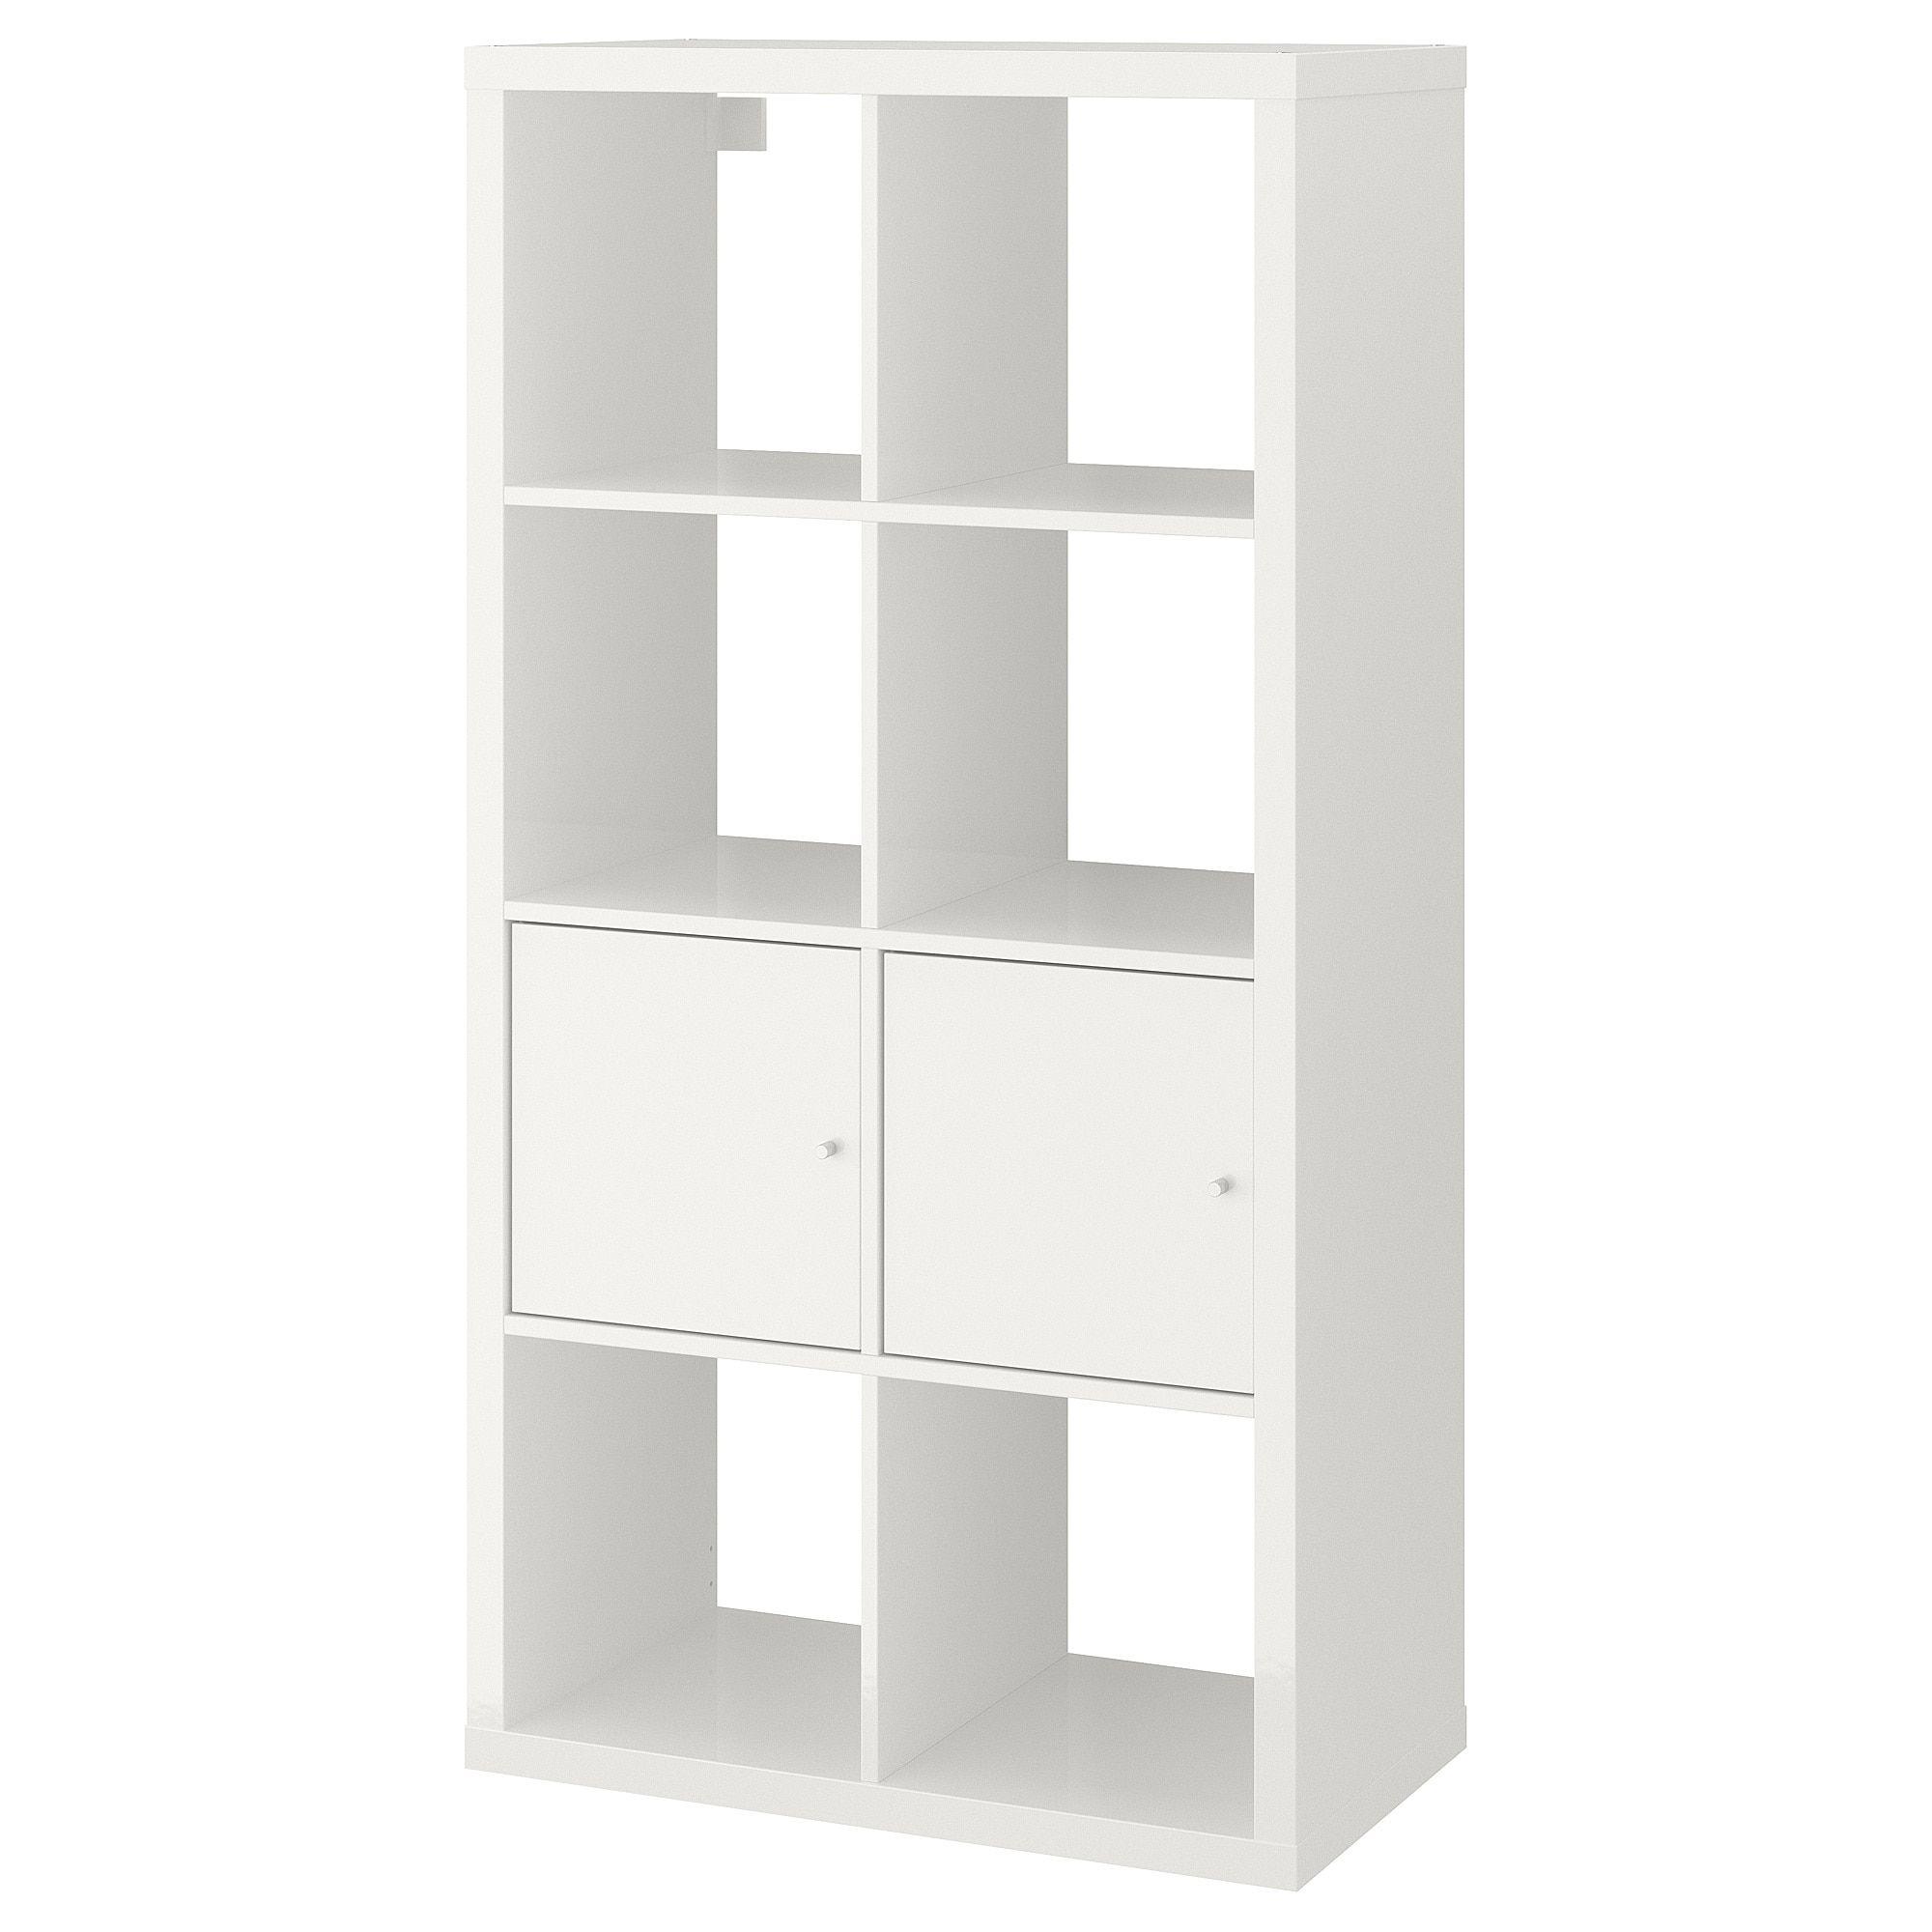 KALLAX Shelf unit with doors, high